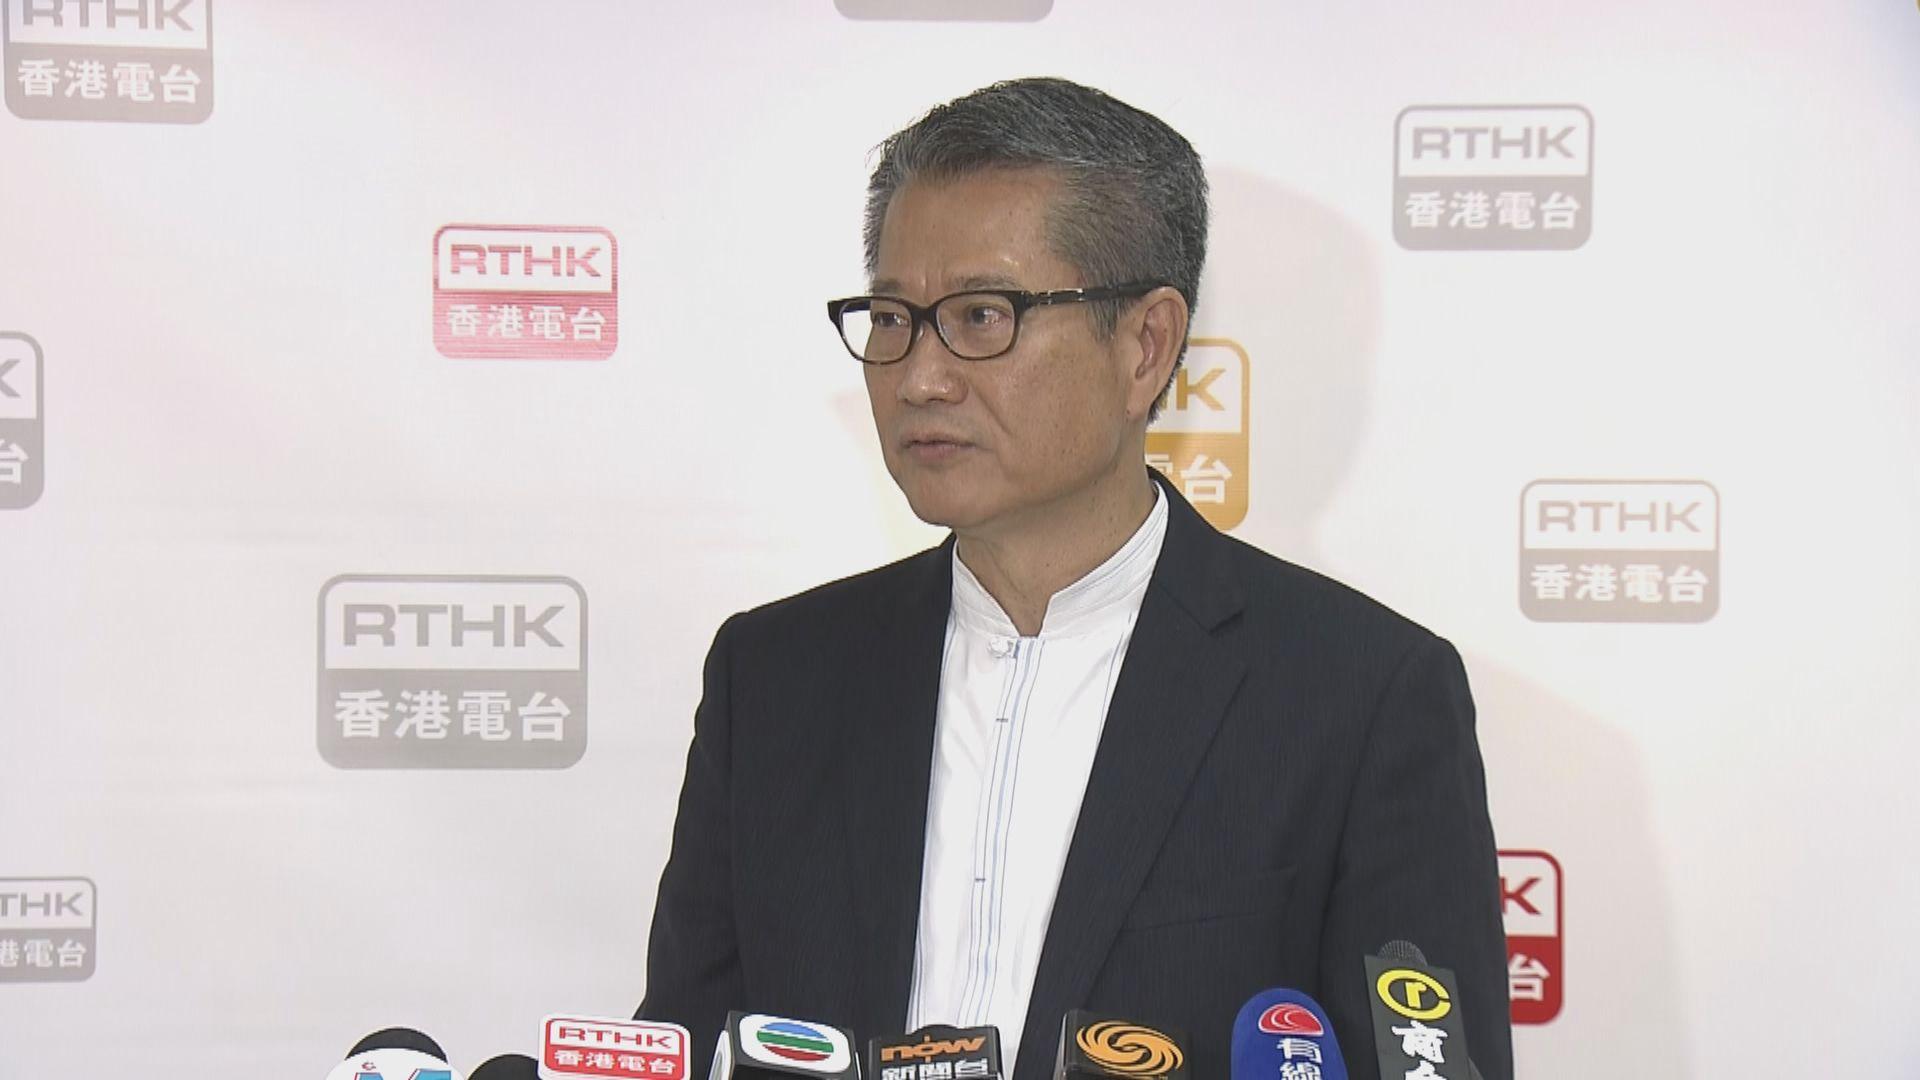 陳茂波:法例不會削弱港商內地投資待遇